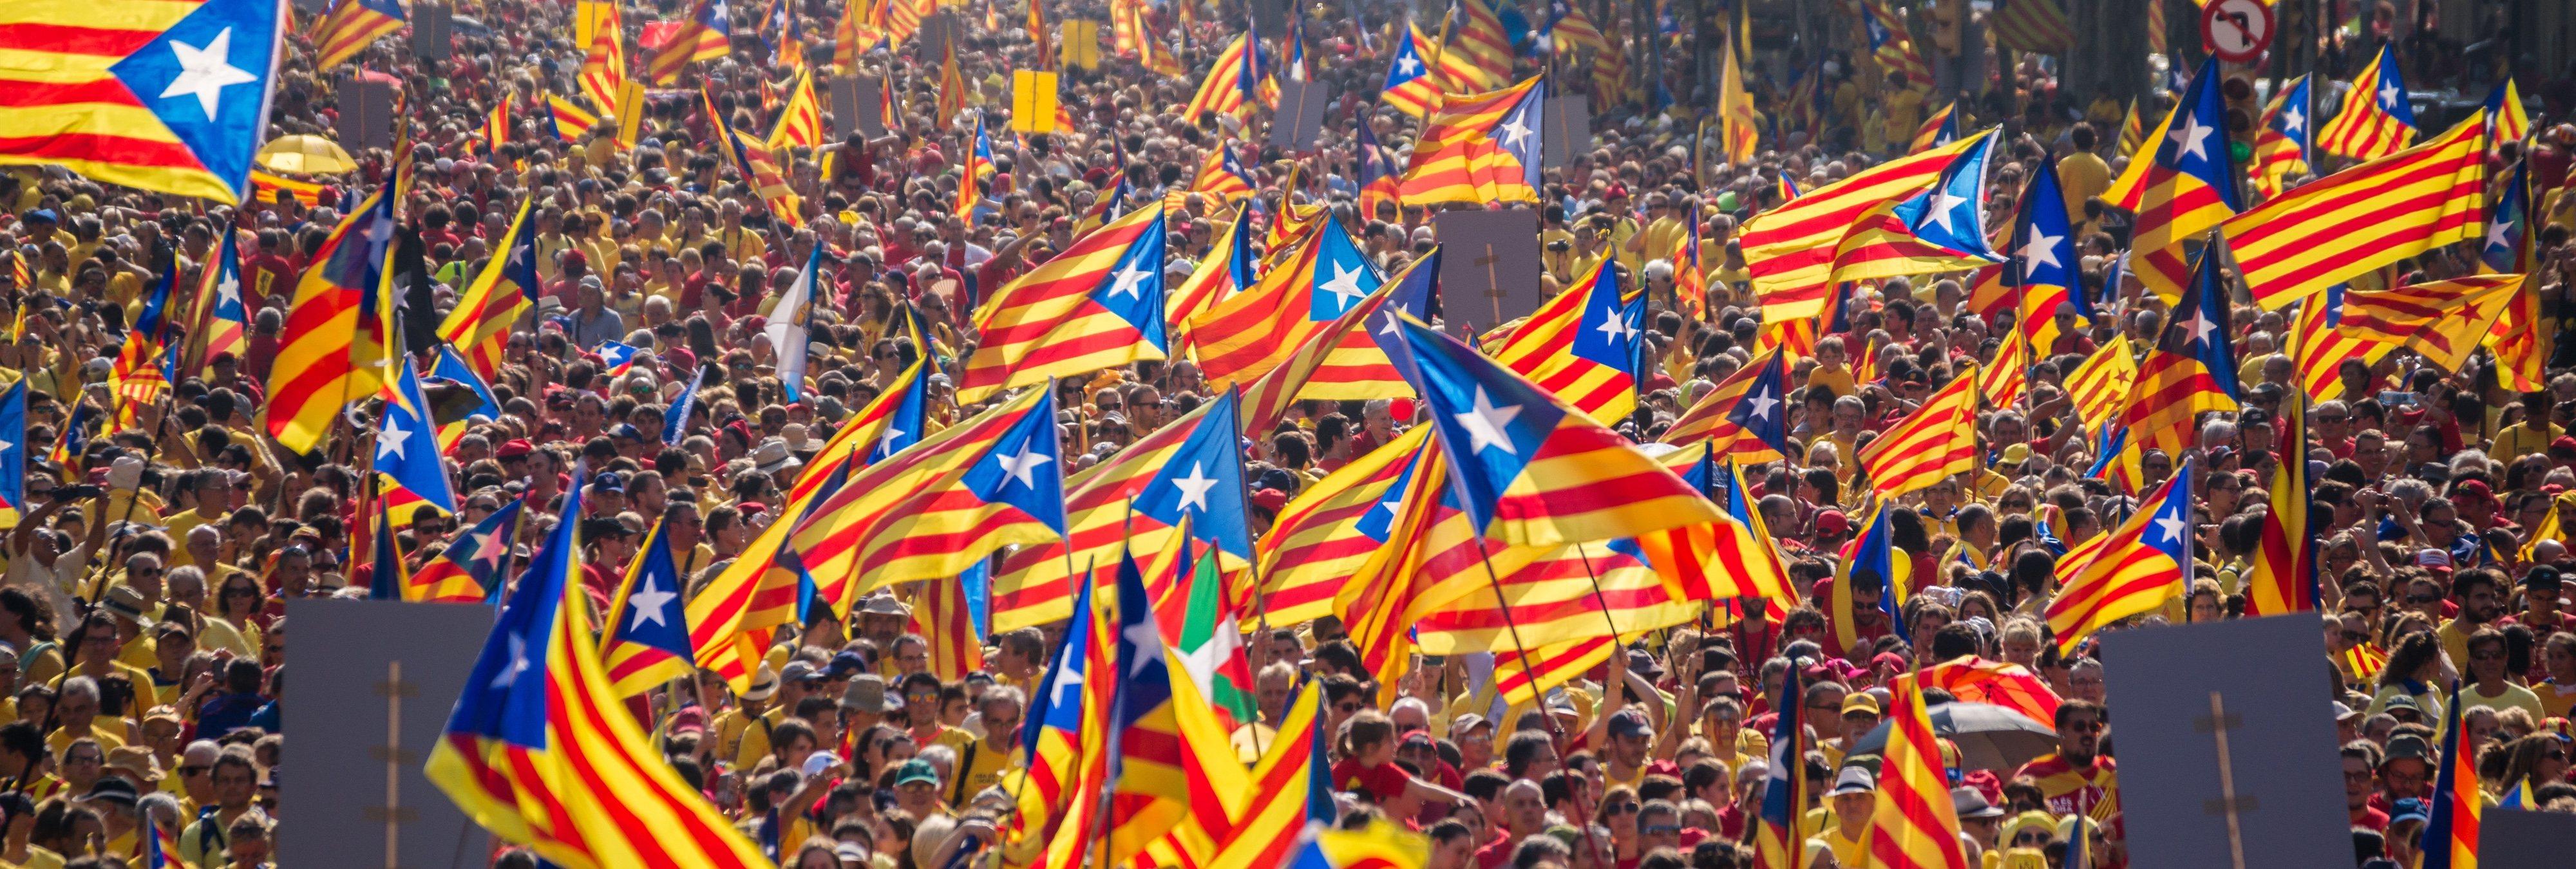 ¿Se puede celebrar un referéndum independentista en Cataluña? ¿Cómo se podría hacer?